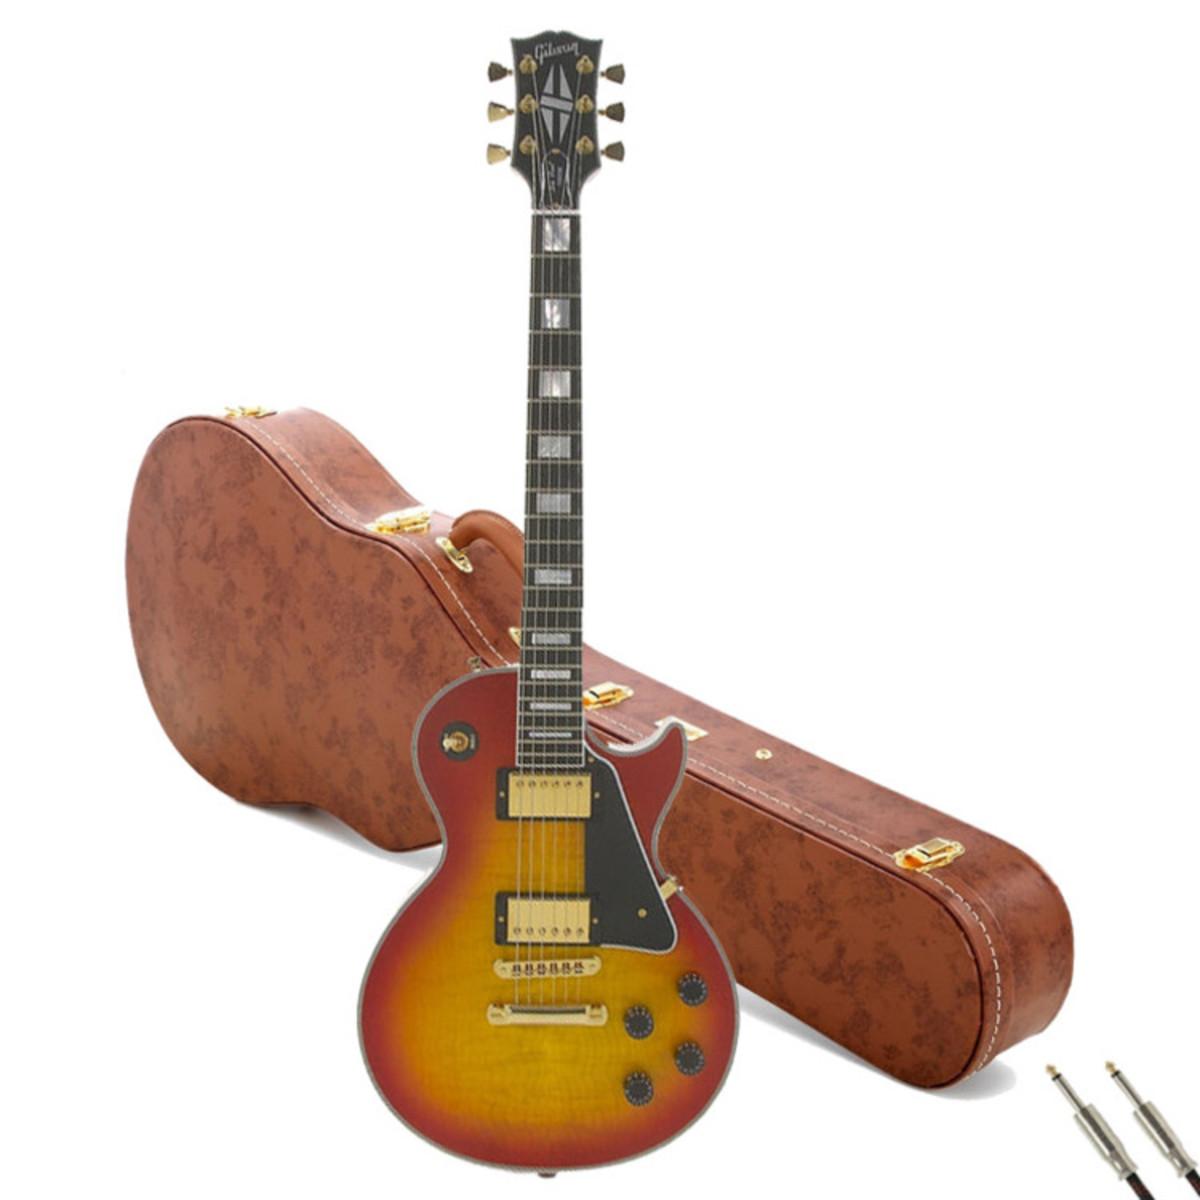 jousimies ja kaksonen gibson kitara